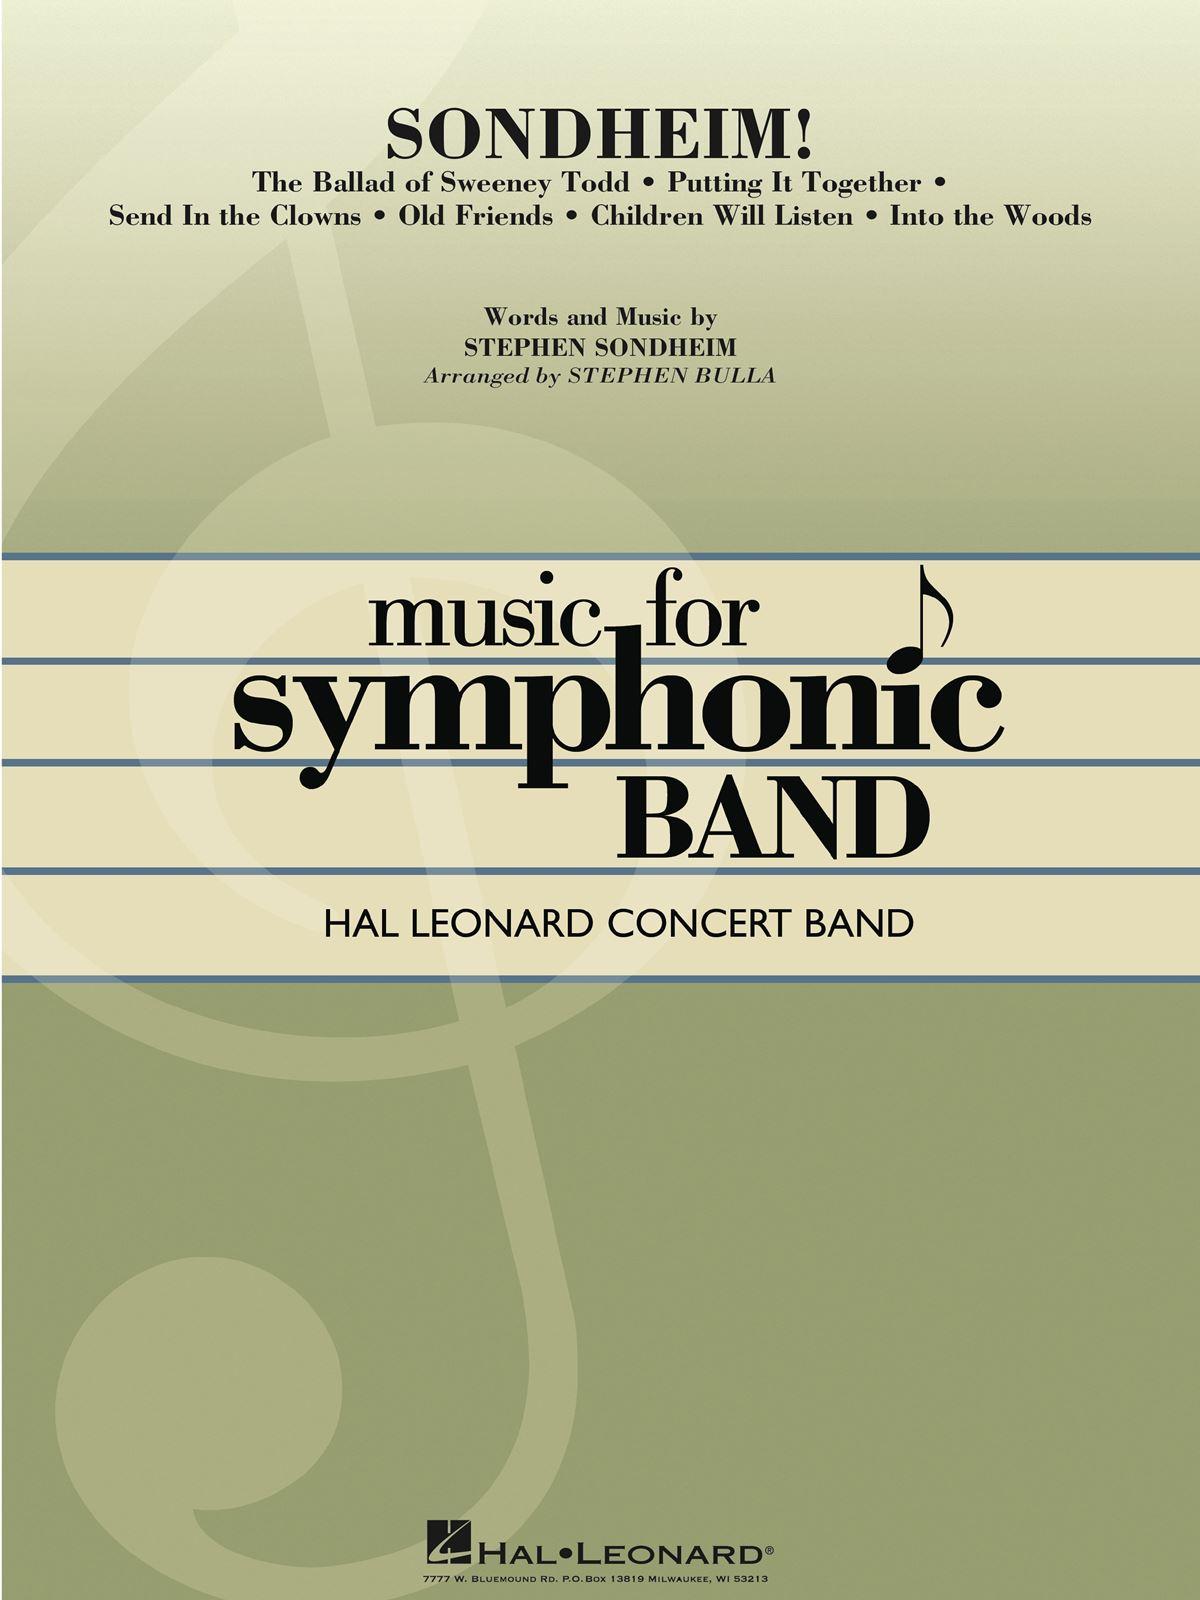 Stephen Sondheim: Sondheim!: Concert Band: Score & Parts